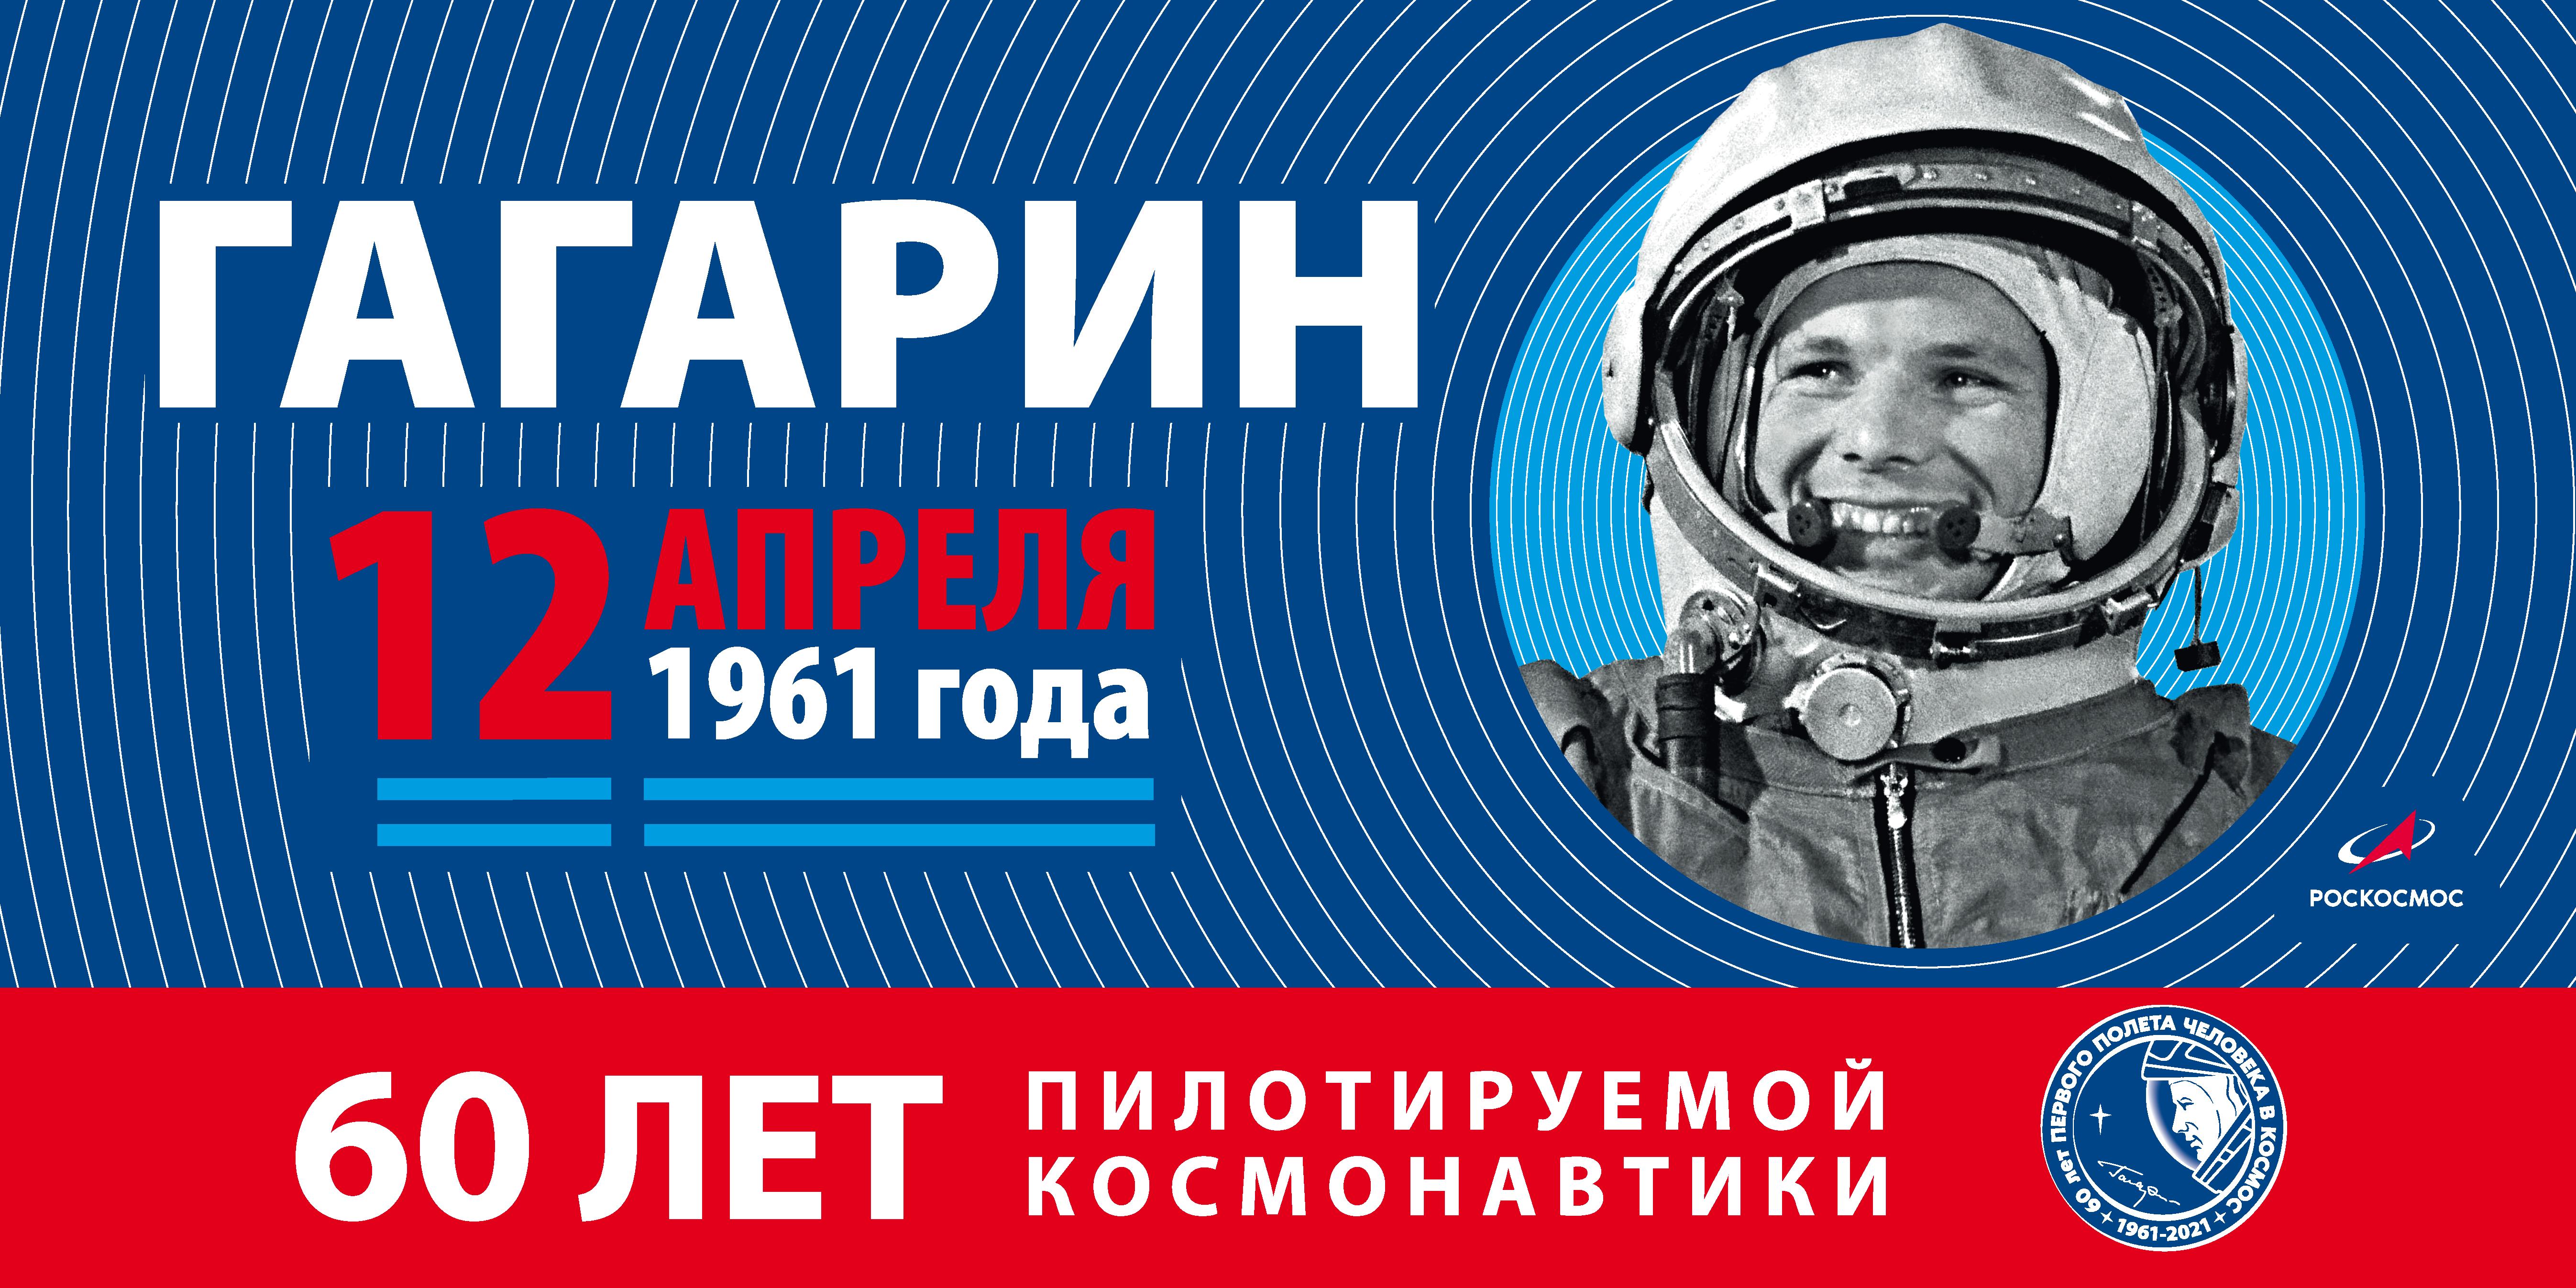 60-летию полета в космос Ю.А. Гагарина